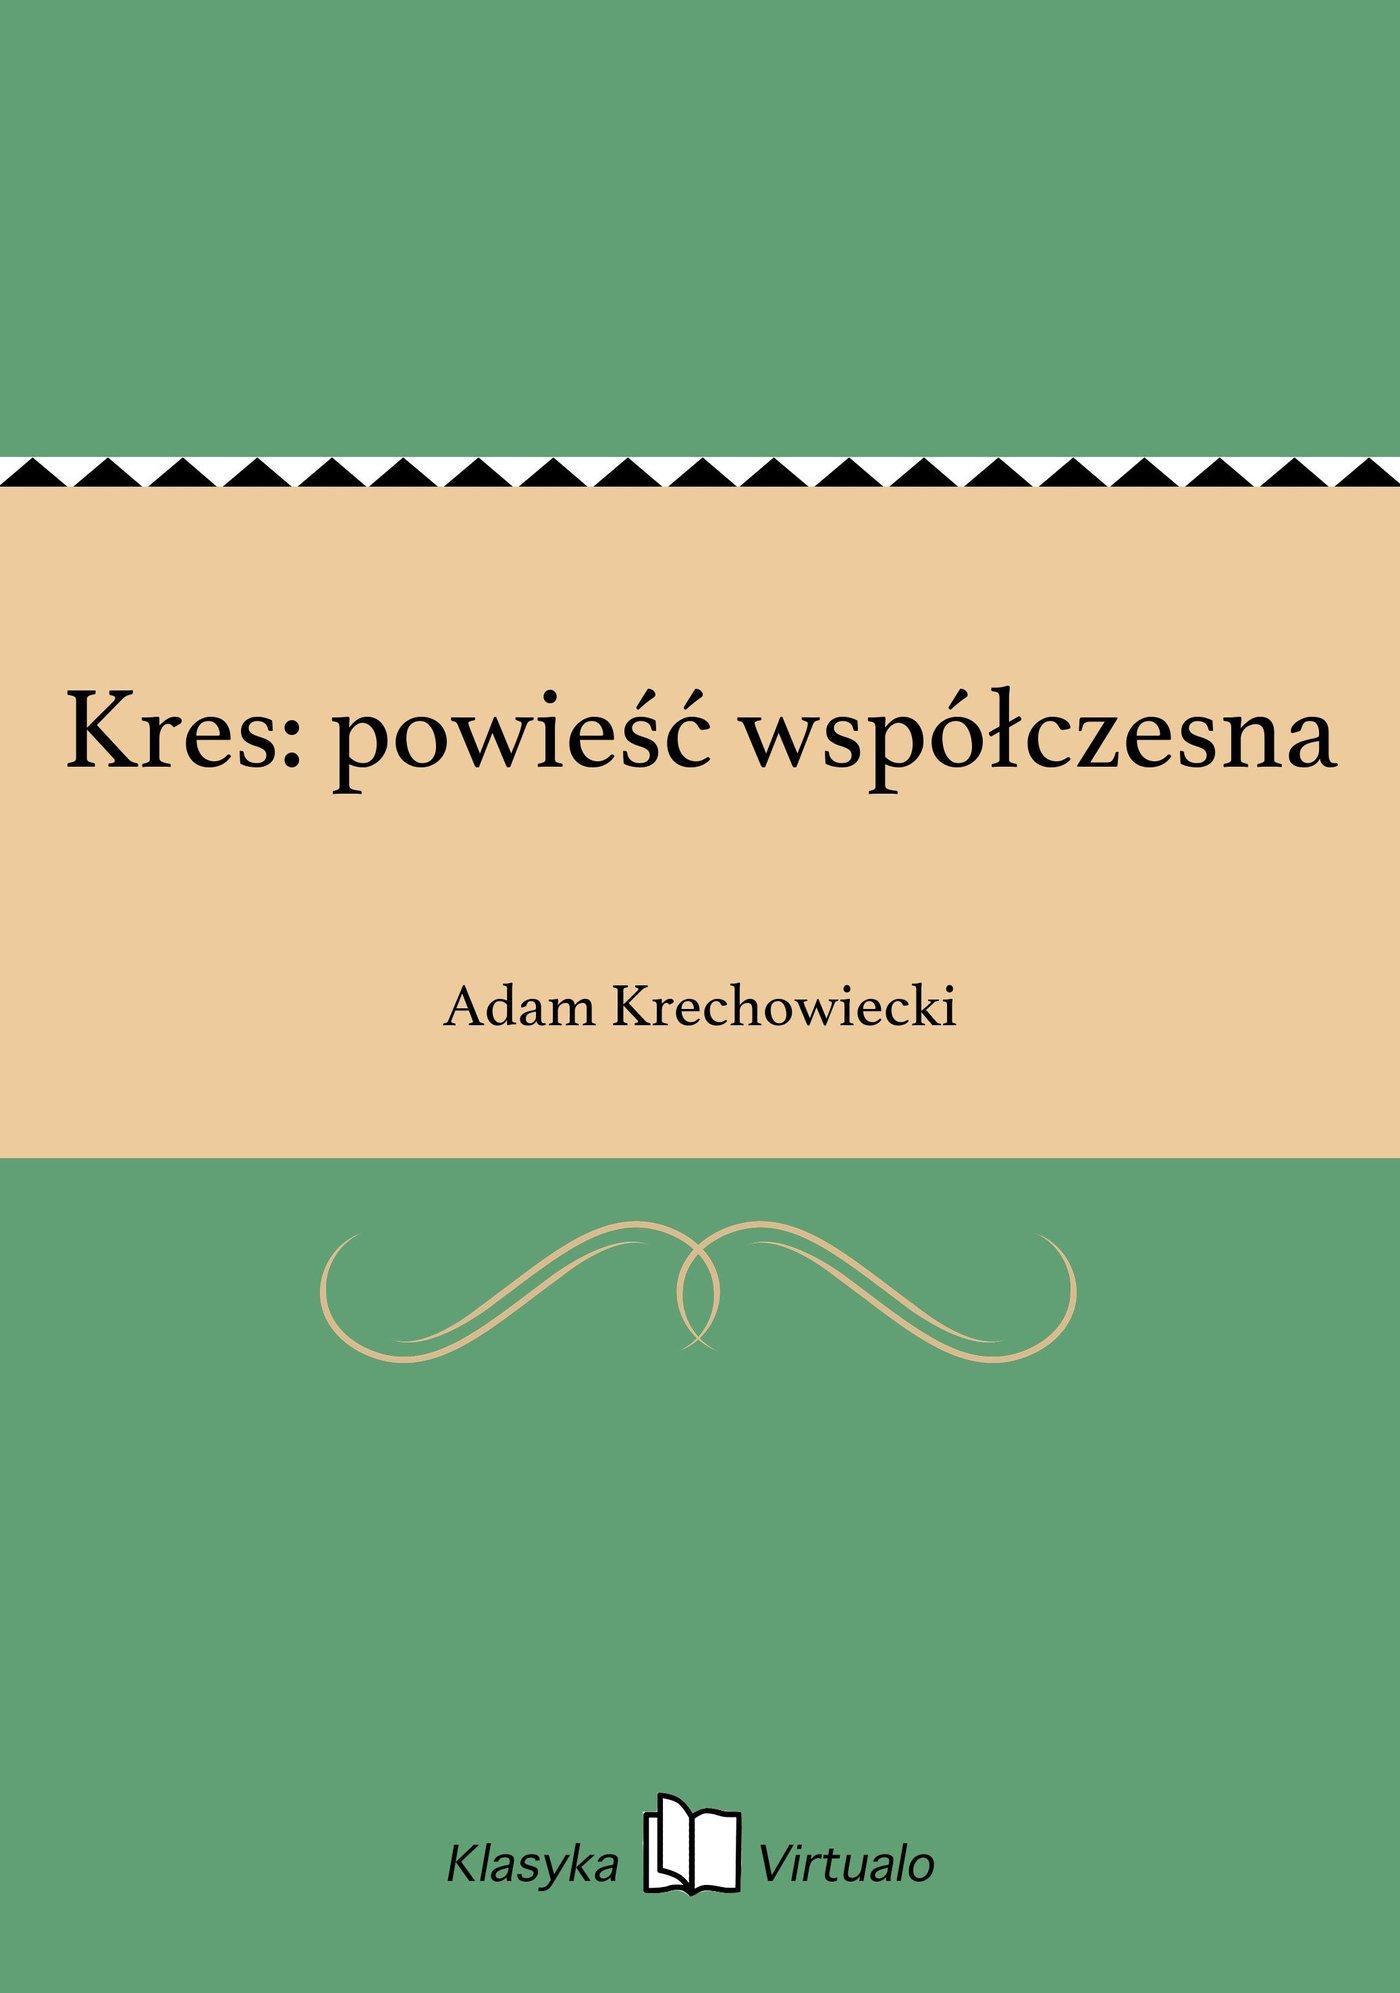 Kres: powieść współczesna - Ebook (Książka na Kindle) do pobrania w formacie MOBI